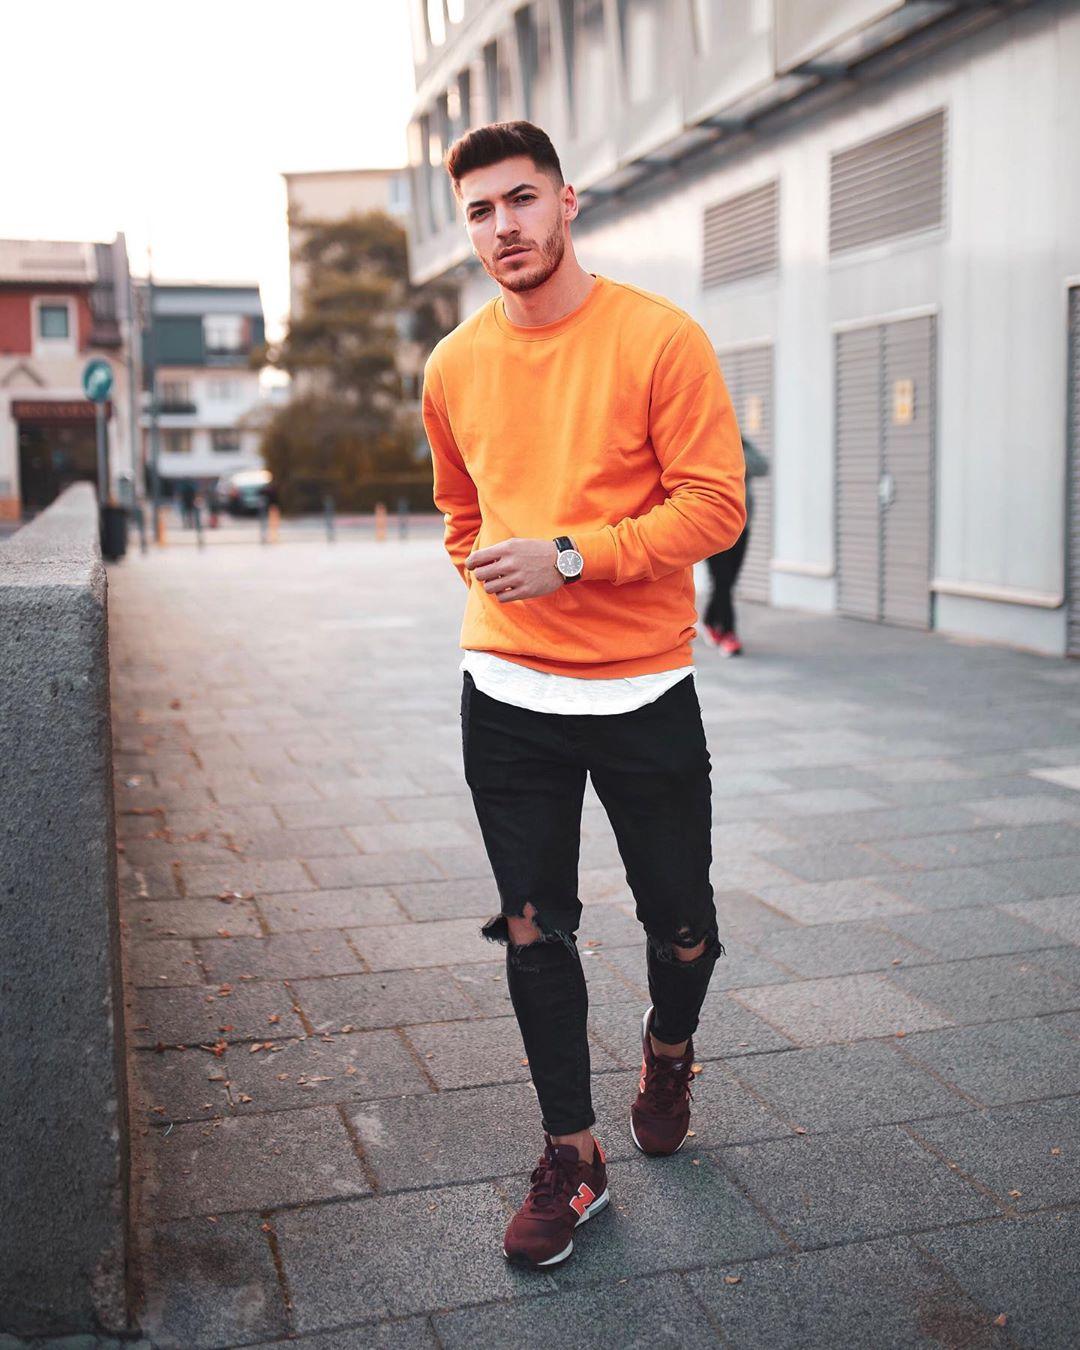 Đậm chất streetwear với 5 cách phối đồ đơn giản mà hầm hố